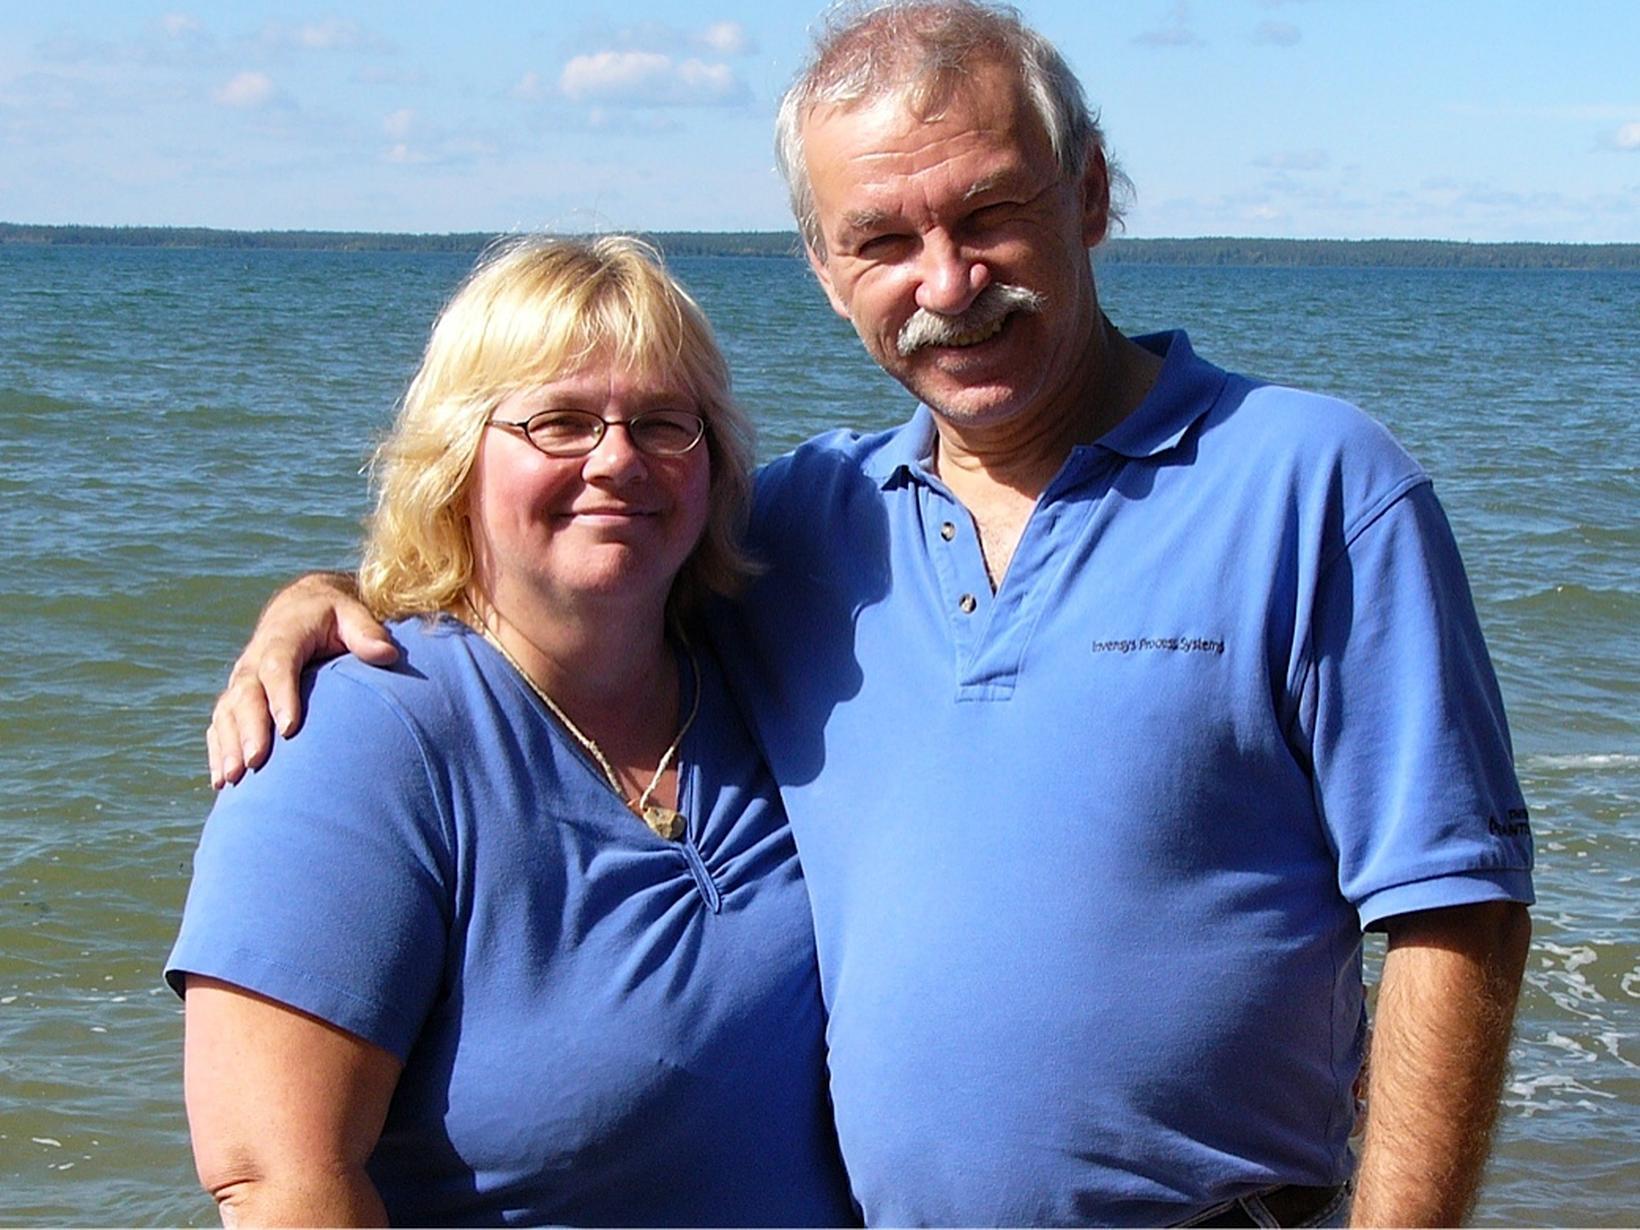 Pat & Dan from Winnipeg, Manitoba, Canada